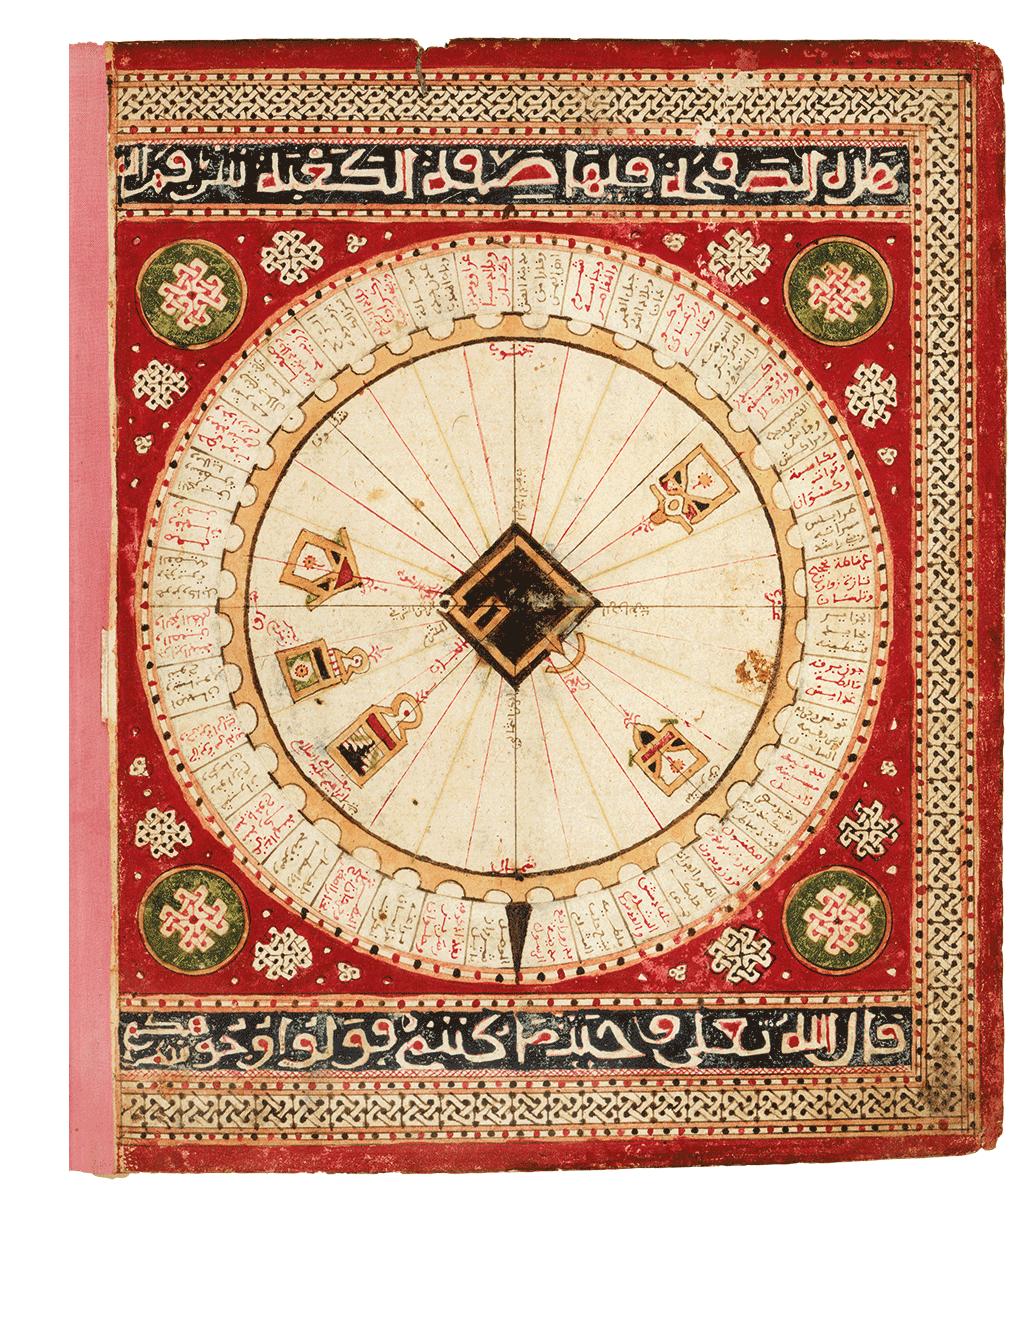 Schema von Mekka: schema of Mecca, Qibla-Diagramm mit 40 Miḥrābs. Aus: Seeatlas von al-Sharafi, Tunesien, 1551 (Paris, Bibliothèque nationale de France, Arabe 2278, folio 2v), Schema of Mecca: qibla-diagram with 40 miḥrābs, Sea Atlas of al-Sharafi, Tunis, 958 AH/1551 CE